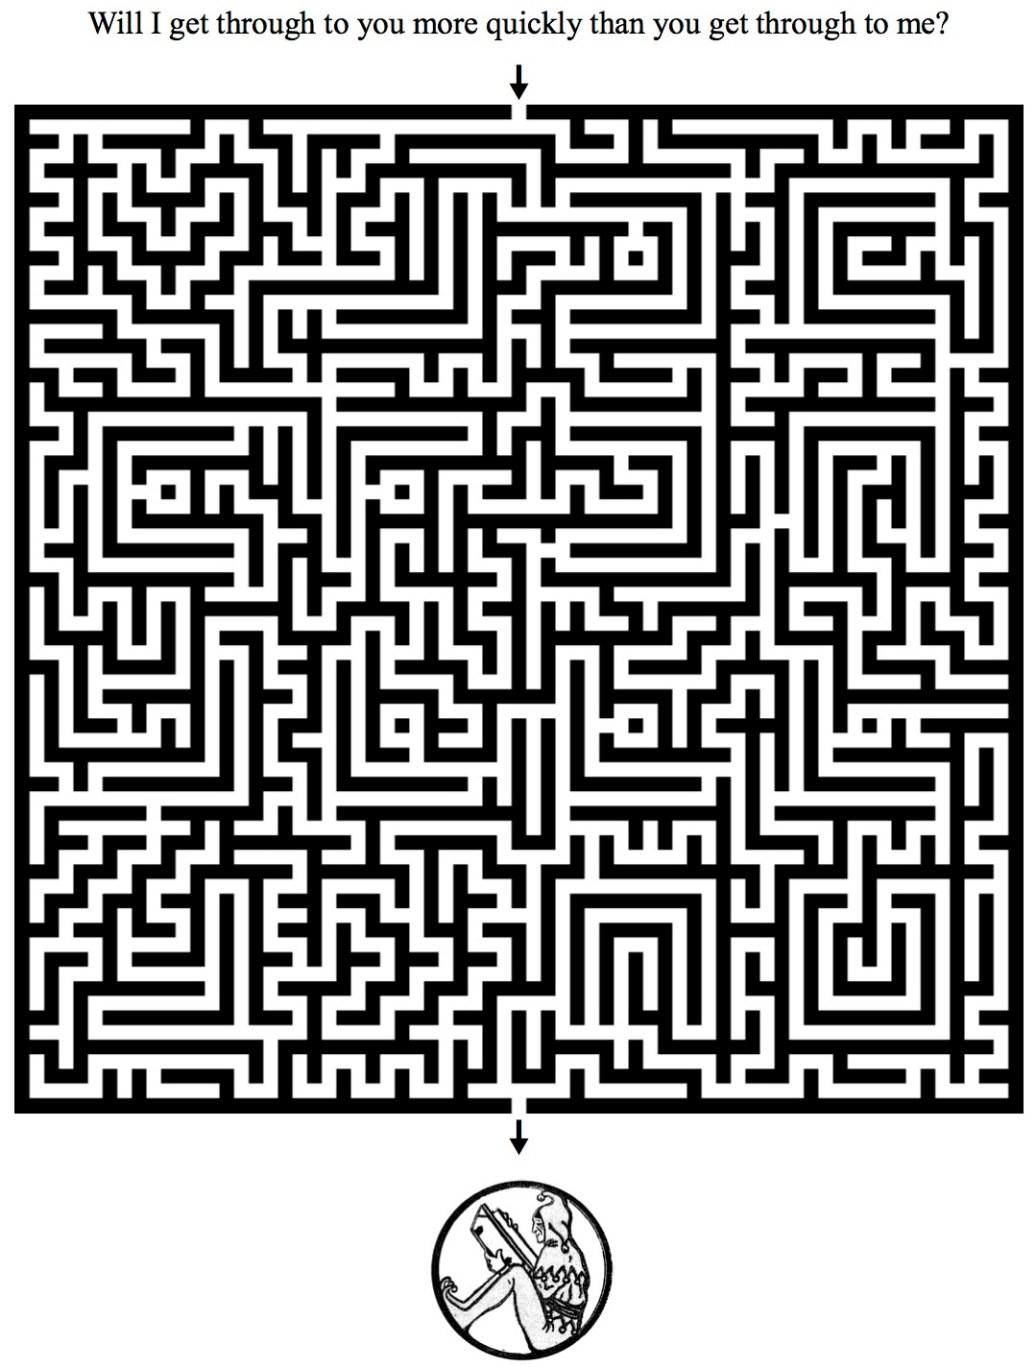 EPP 17 Maze Puzzle